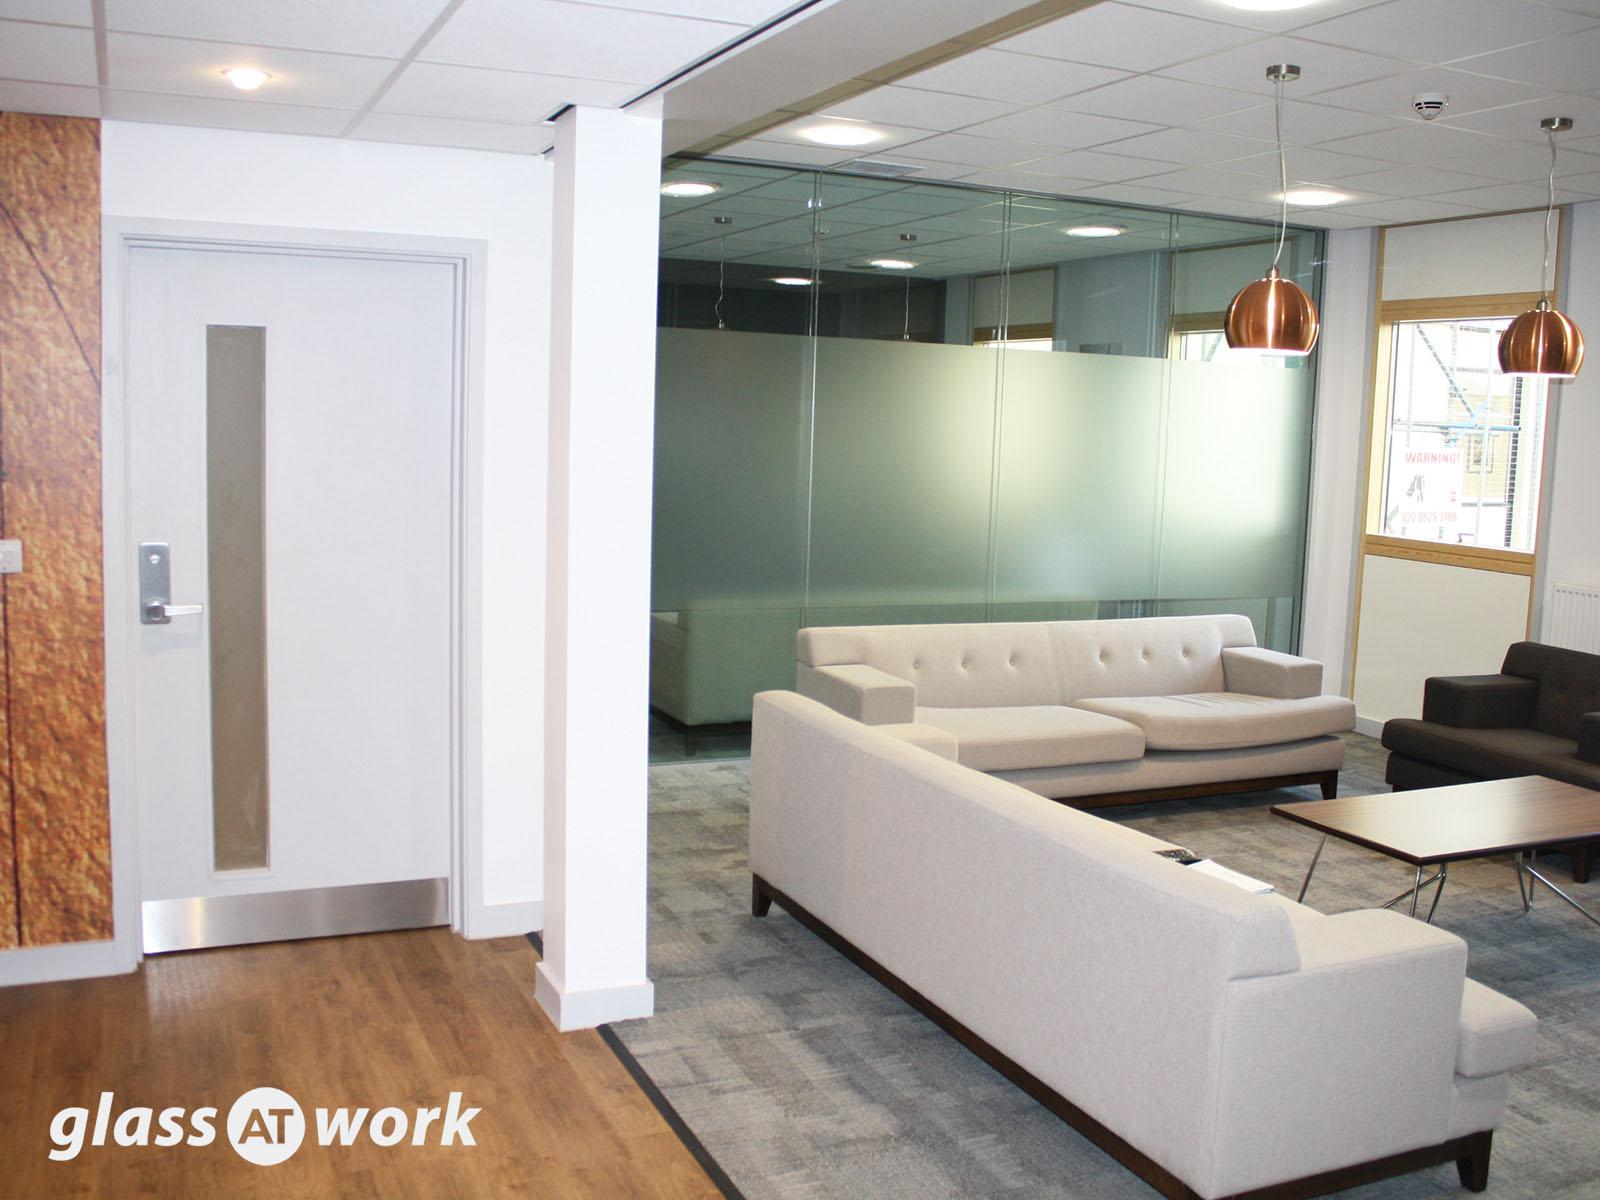 office partition design ideas. Acoustic Double Glazed Glass Office Partitioning Partition Design Ideas